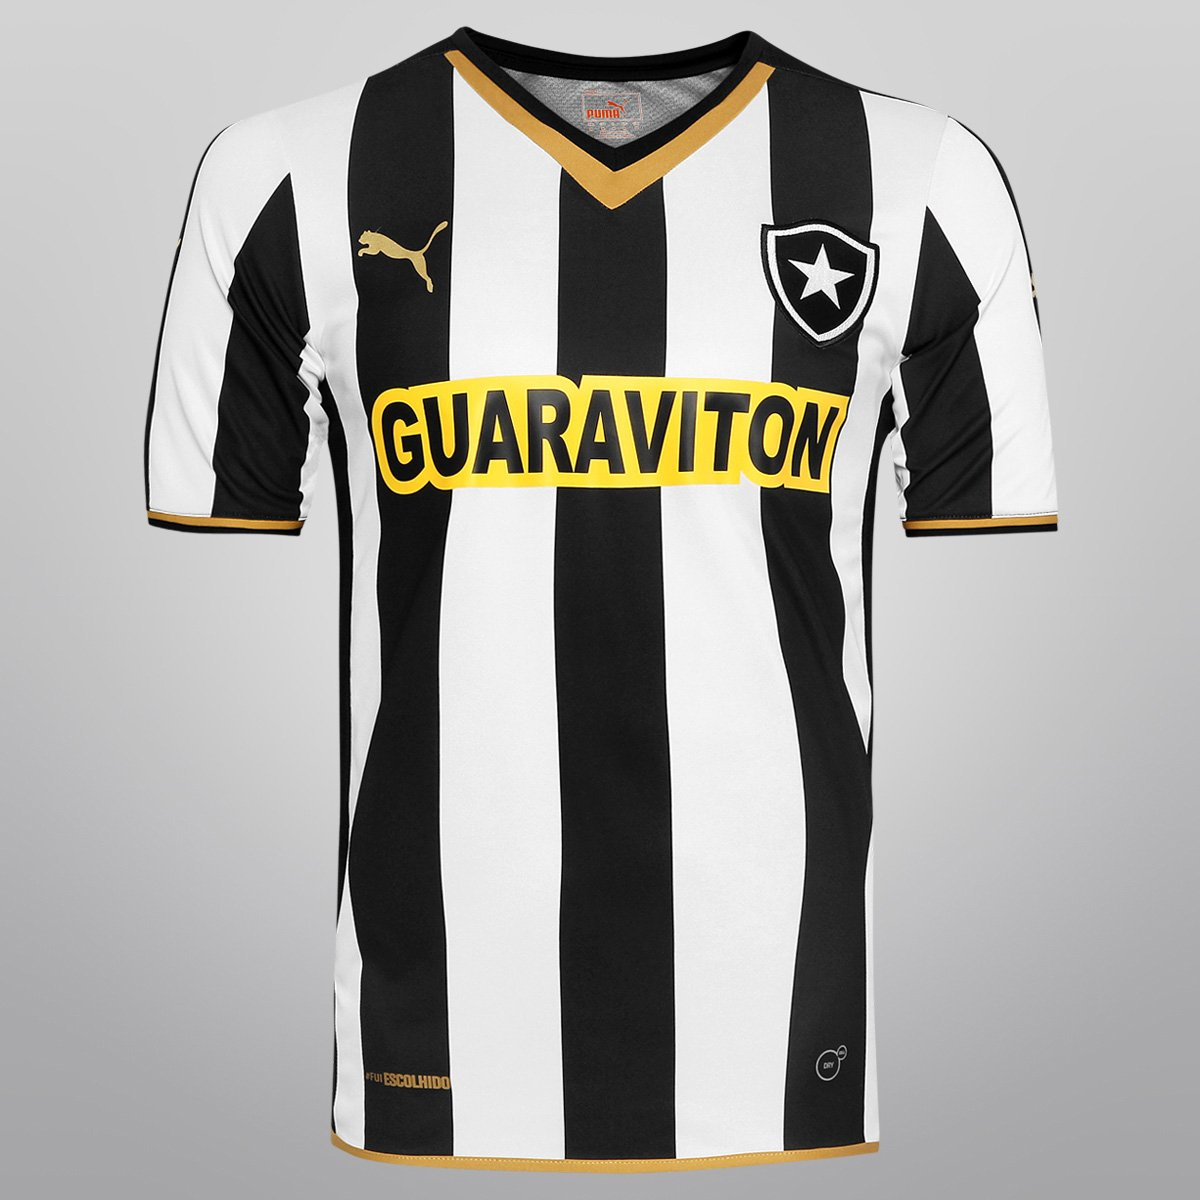 719f5c4b7874d Camisa Puma Botafogo I 2014 s nº - Torcedor - Compre Agora